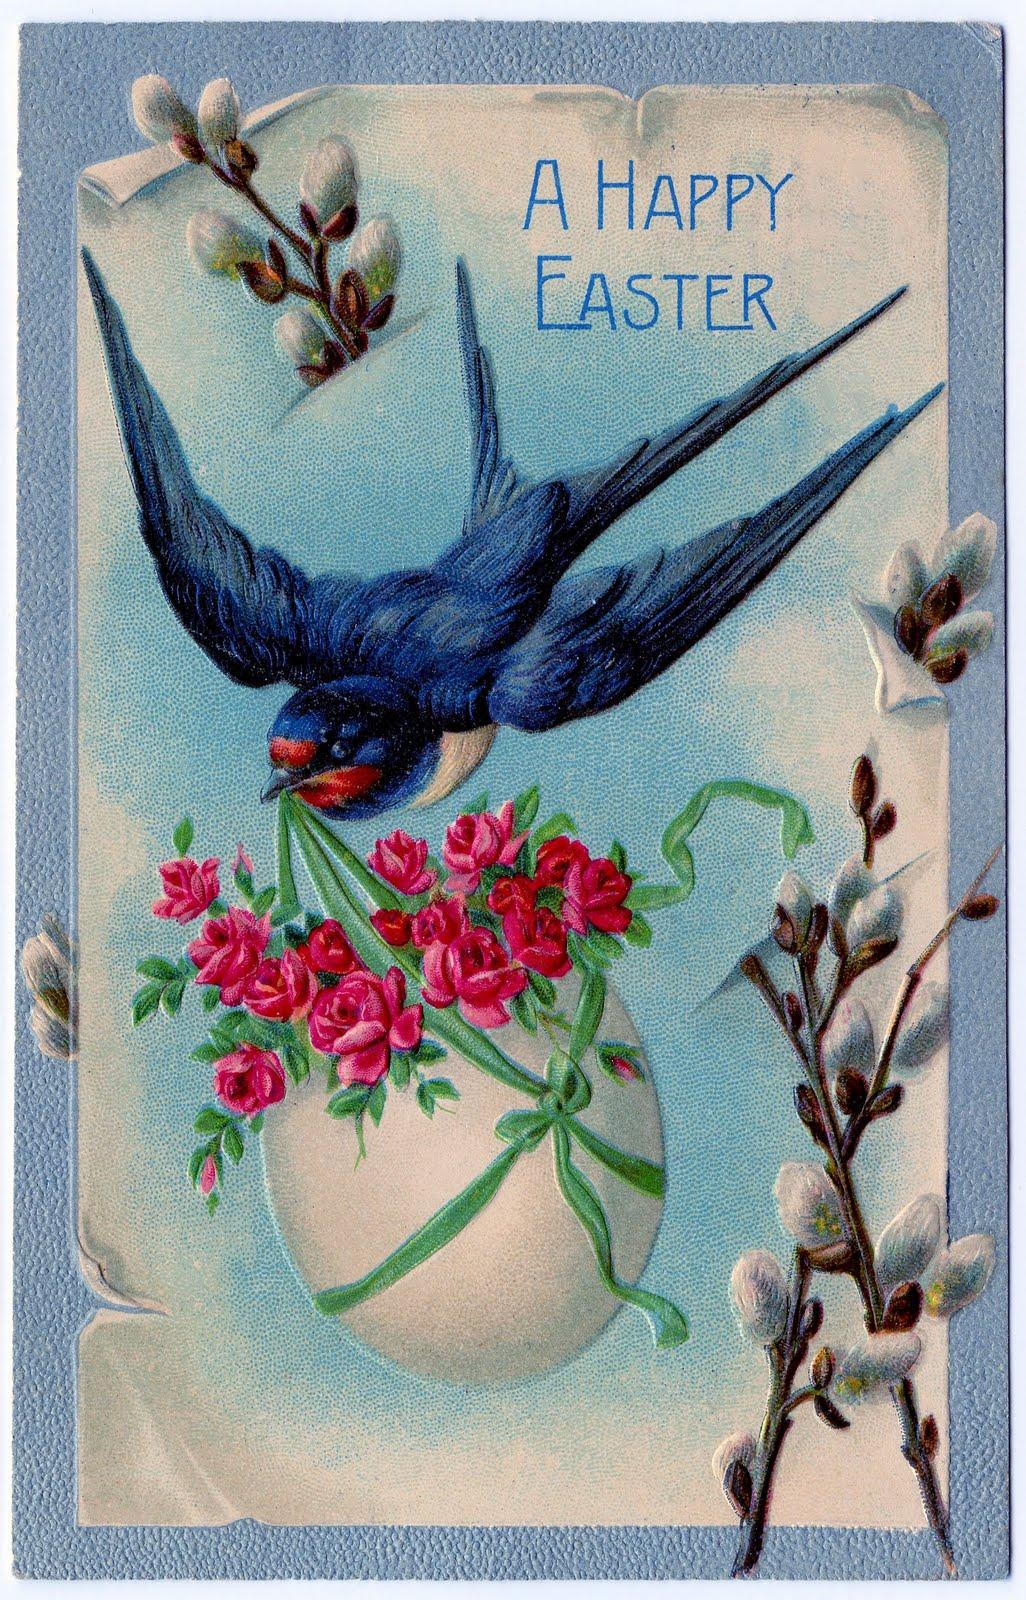 Gnome Garden: 3 Fabulous Easter Cards